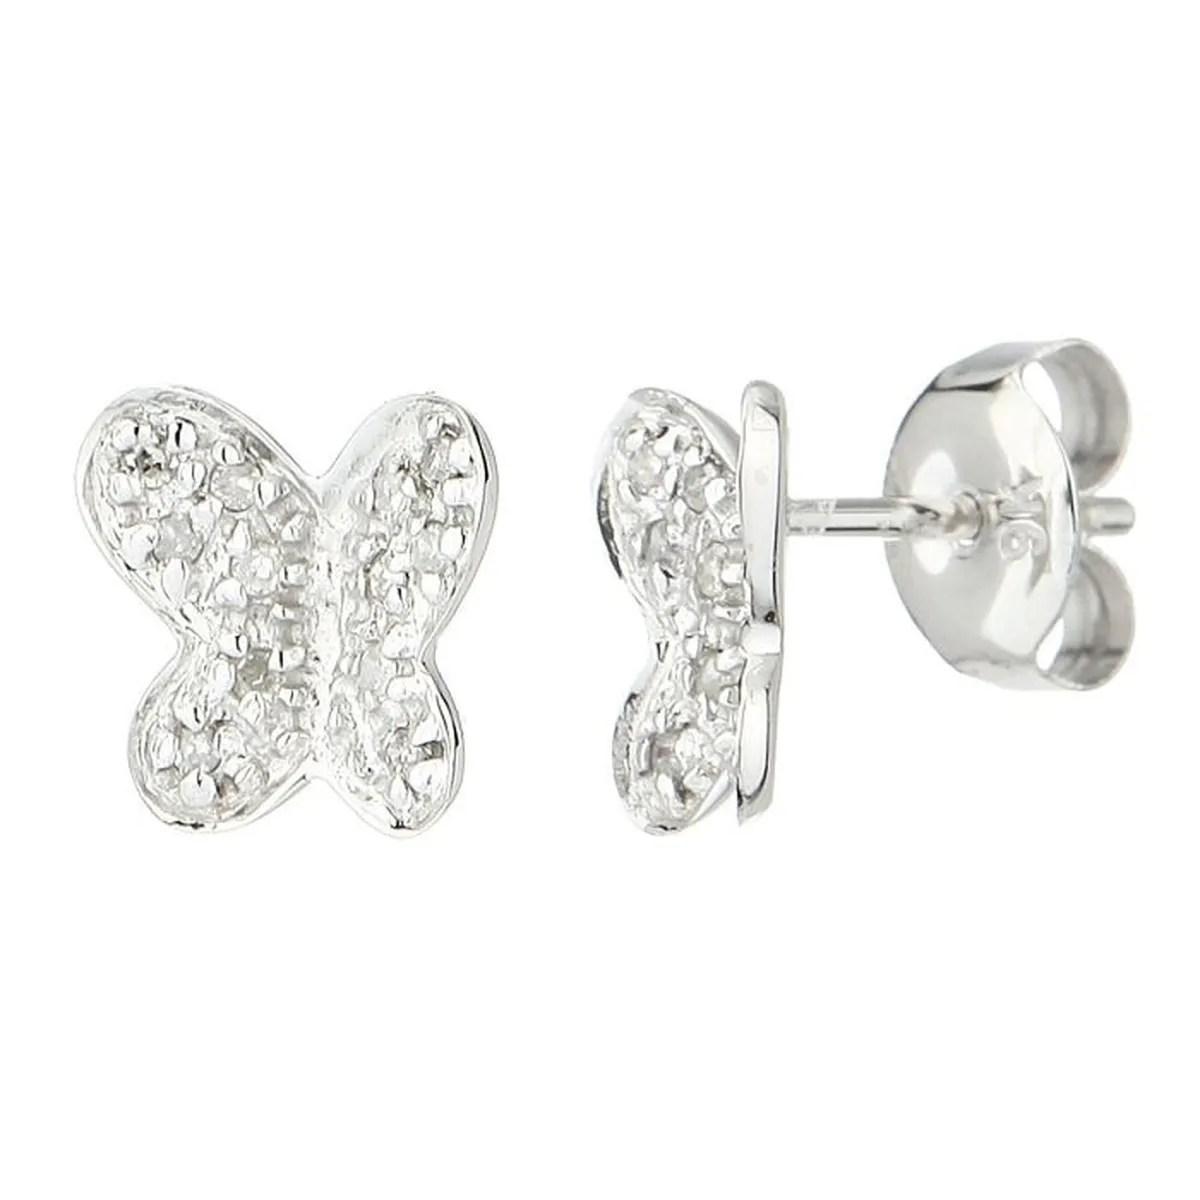 Le Diamantaire Boucle D Oreilles Or 375 Diamants